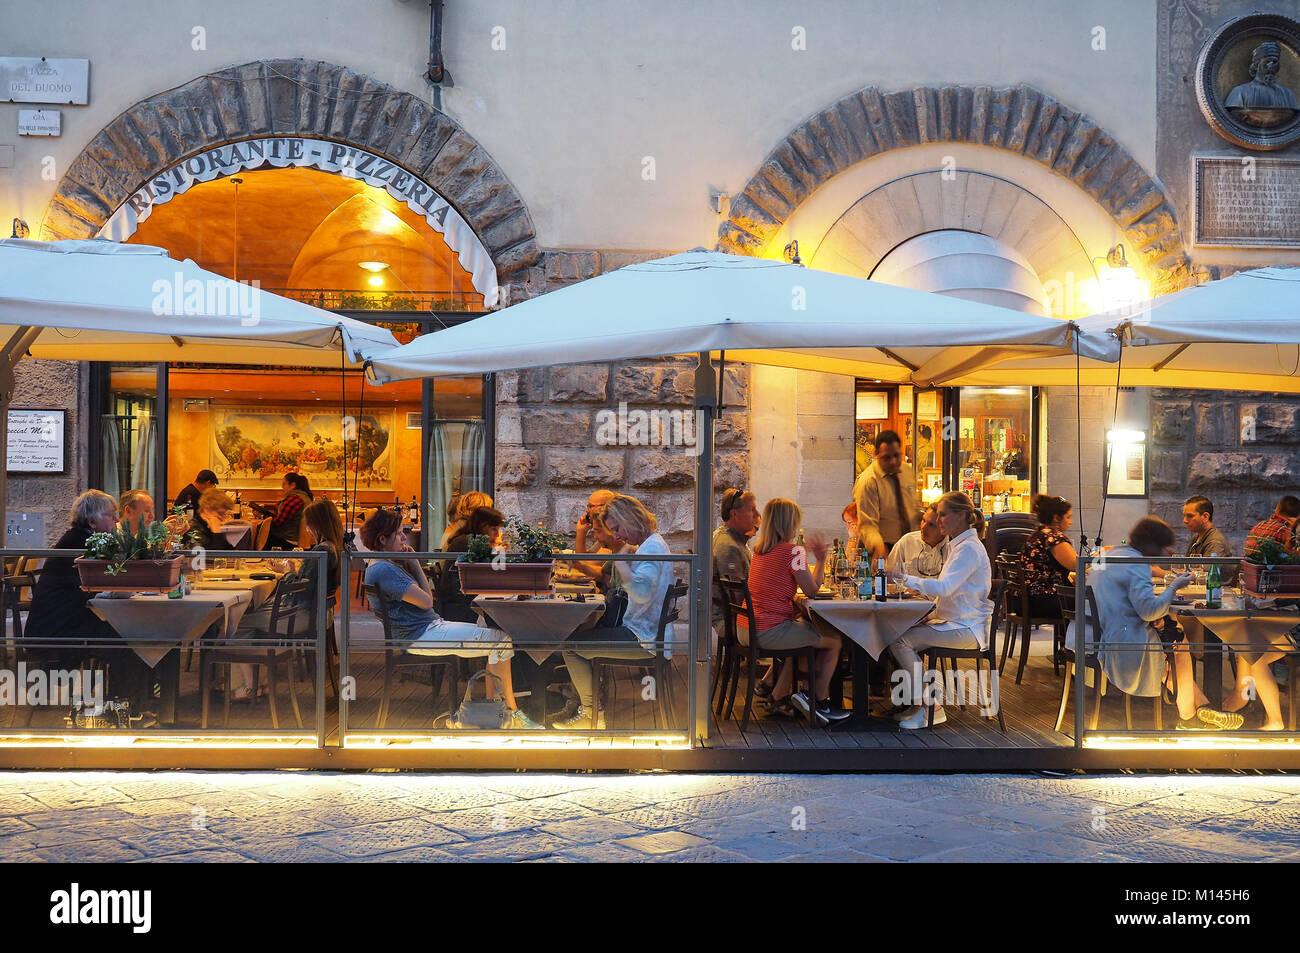 Europa, Italien, Toskana, Florenz, Restaurant, Speisesaal, Bar in der Altstadt Stockbild